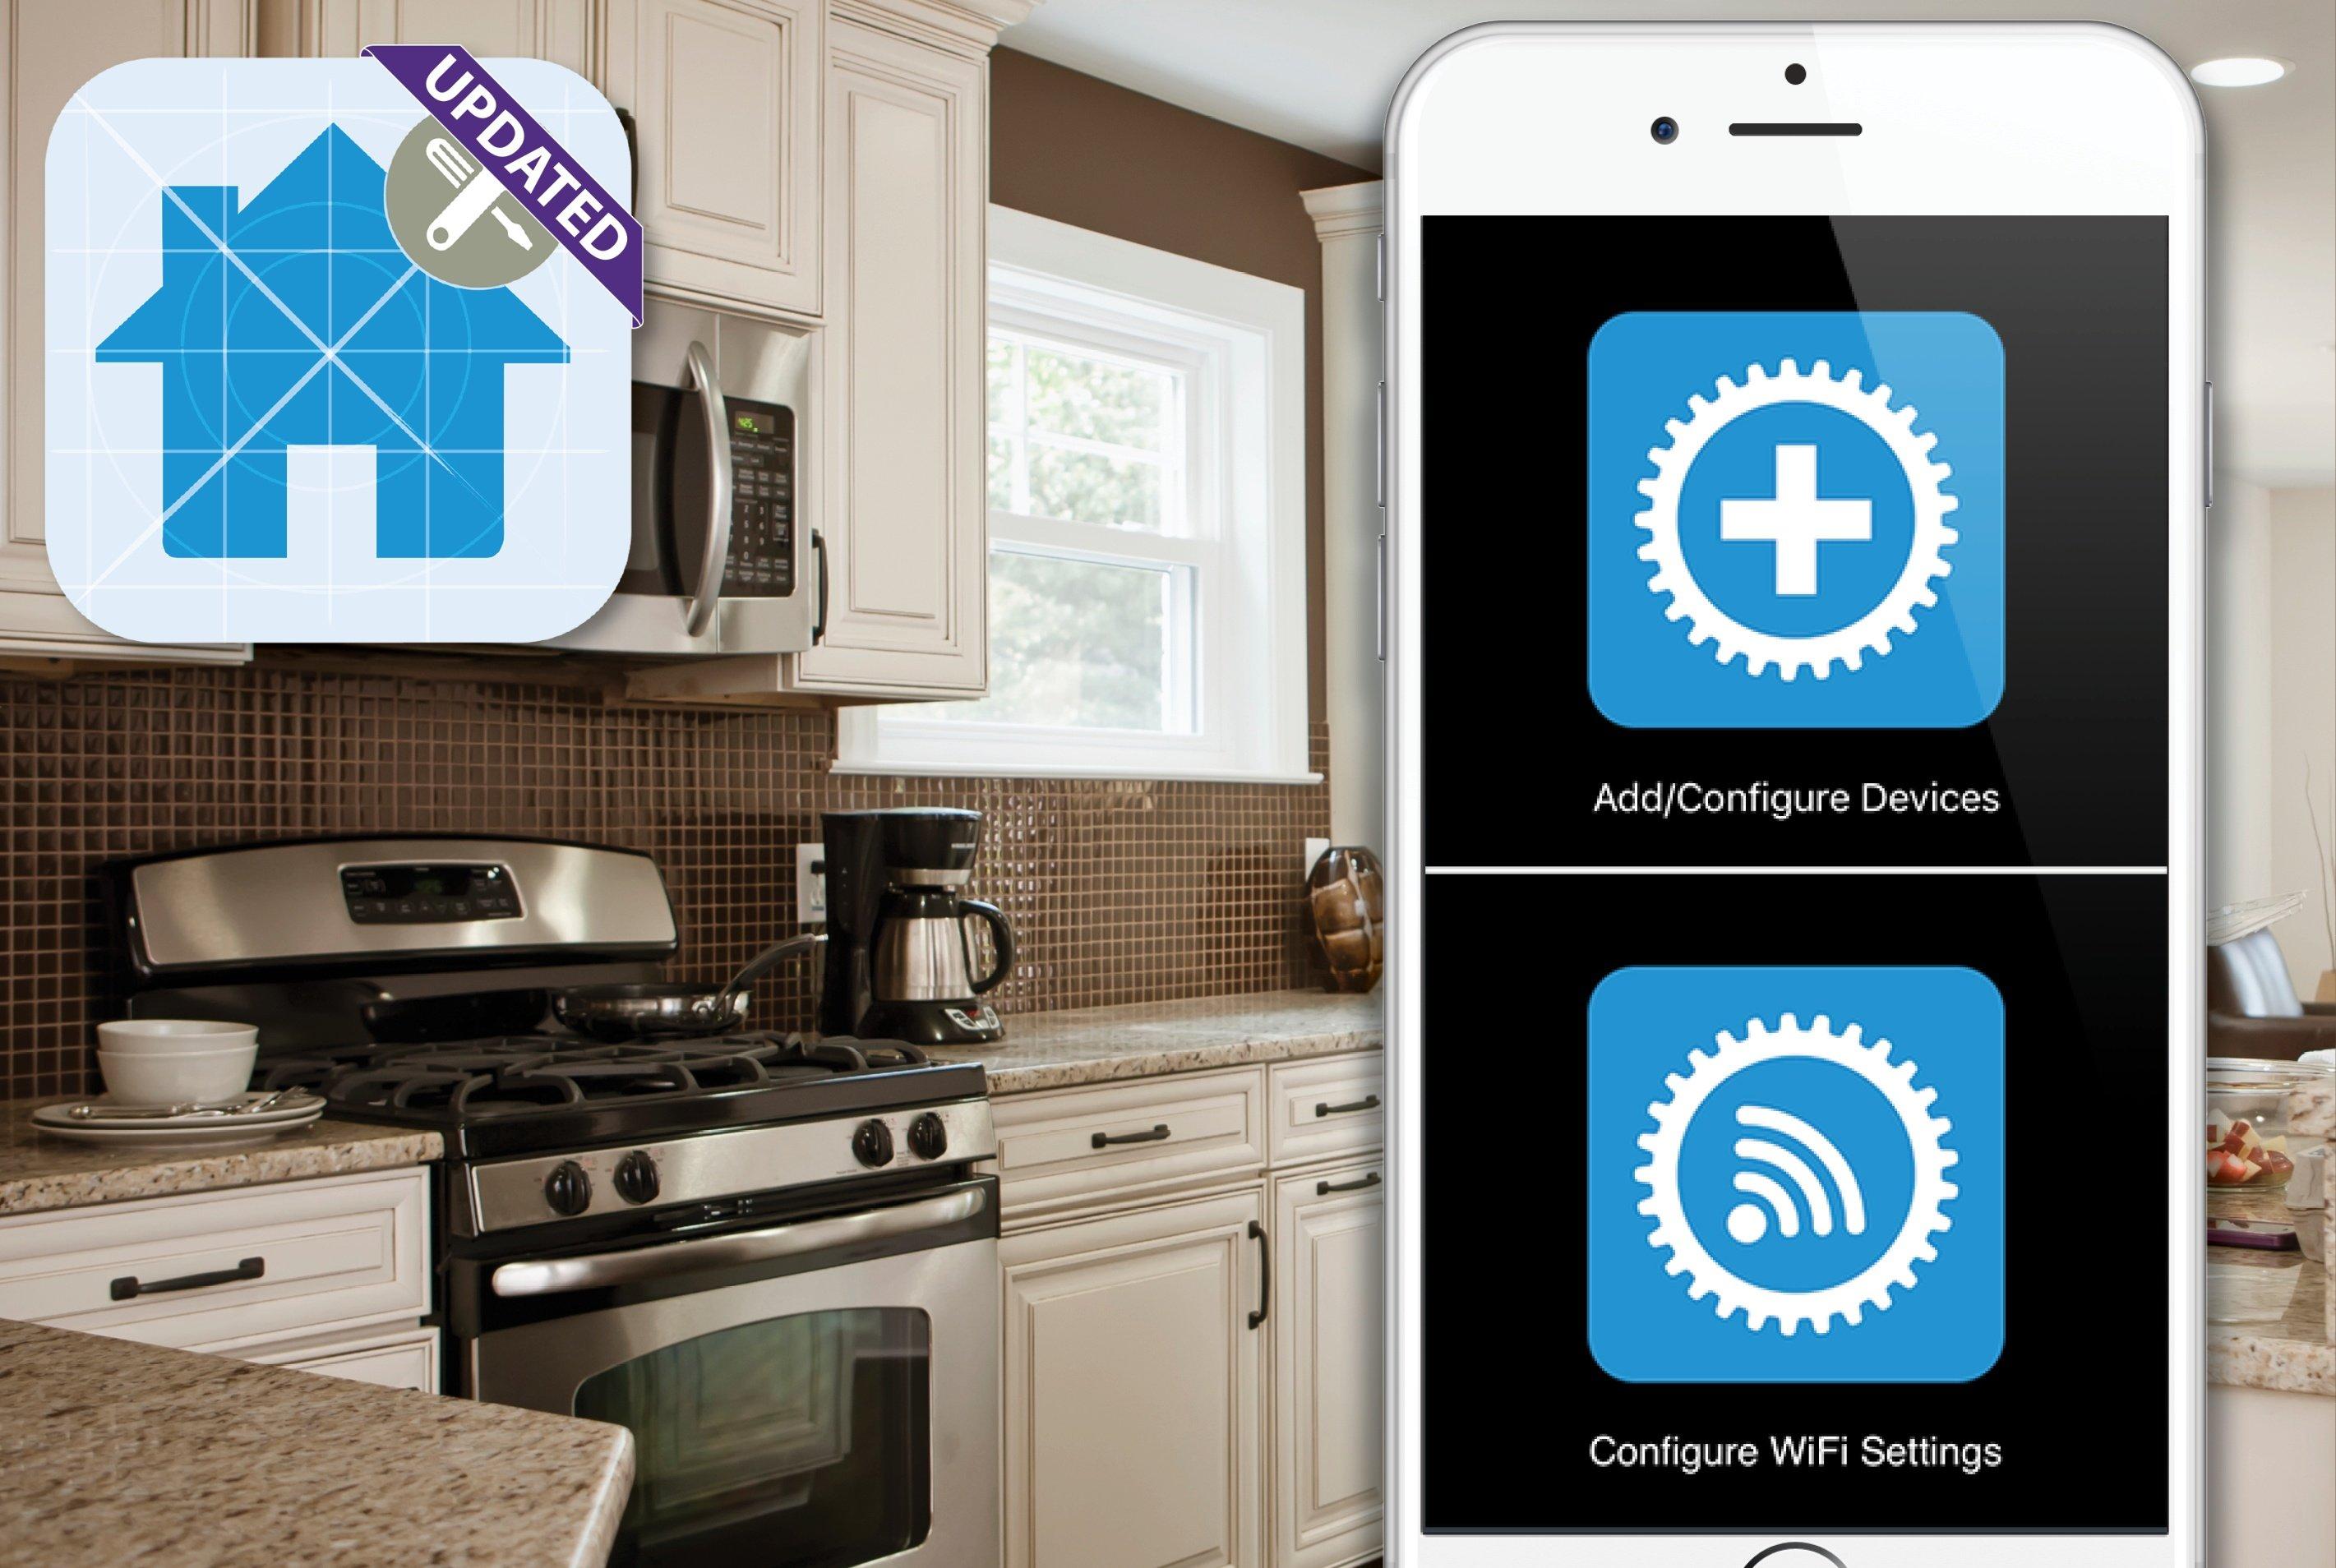 Install Assist App - Clare Controls